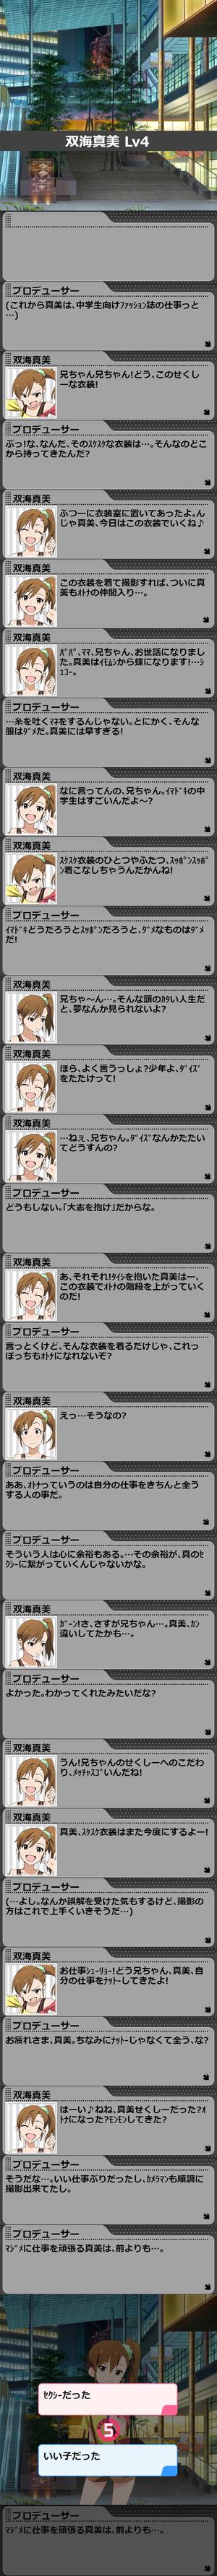 真美LV4_1